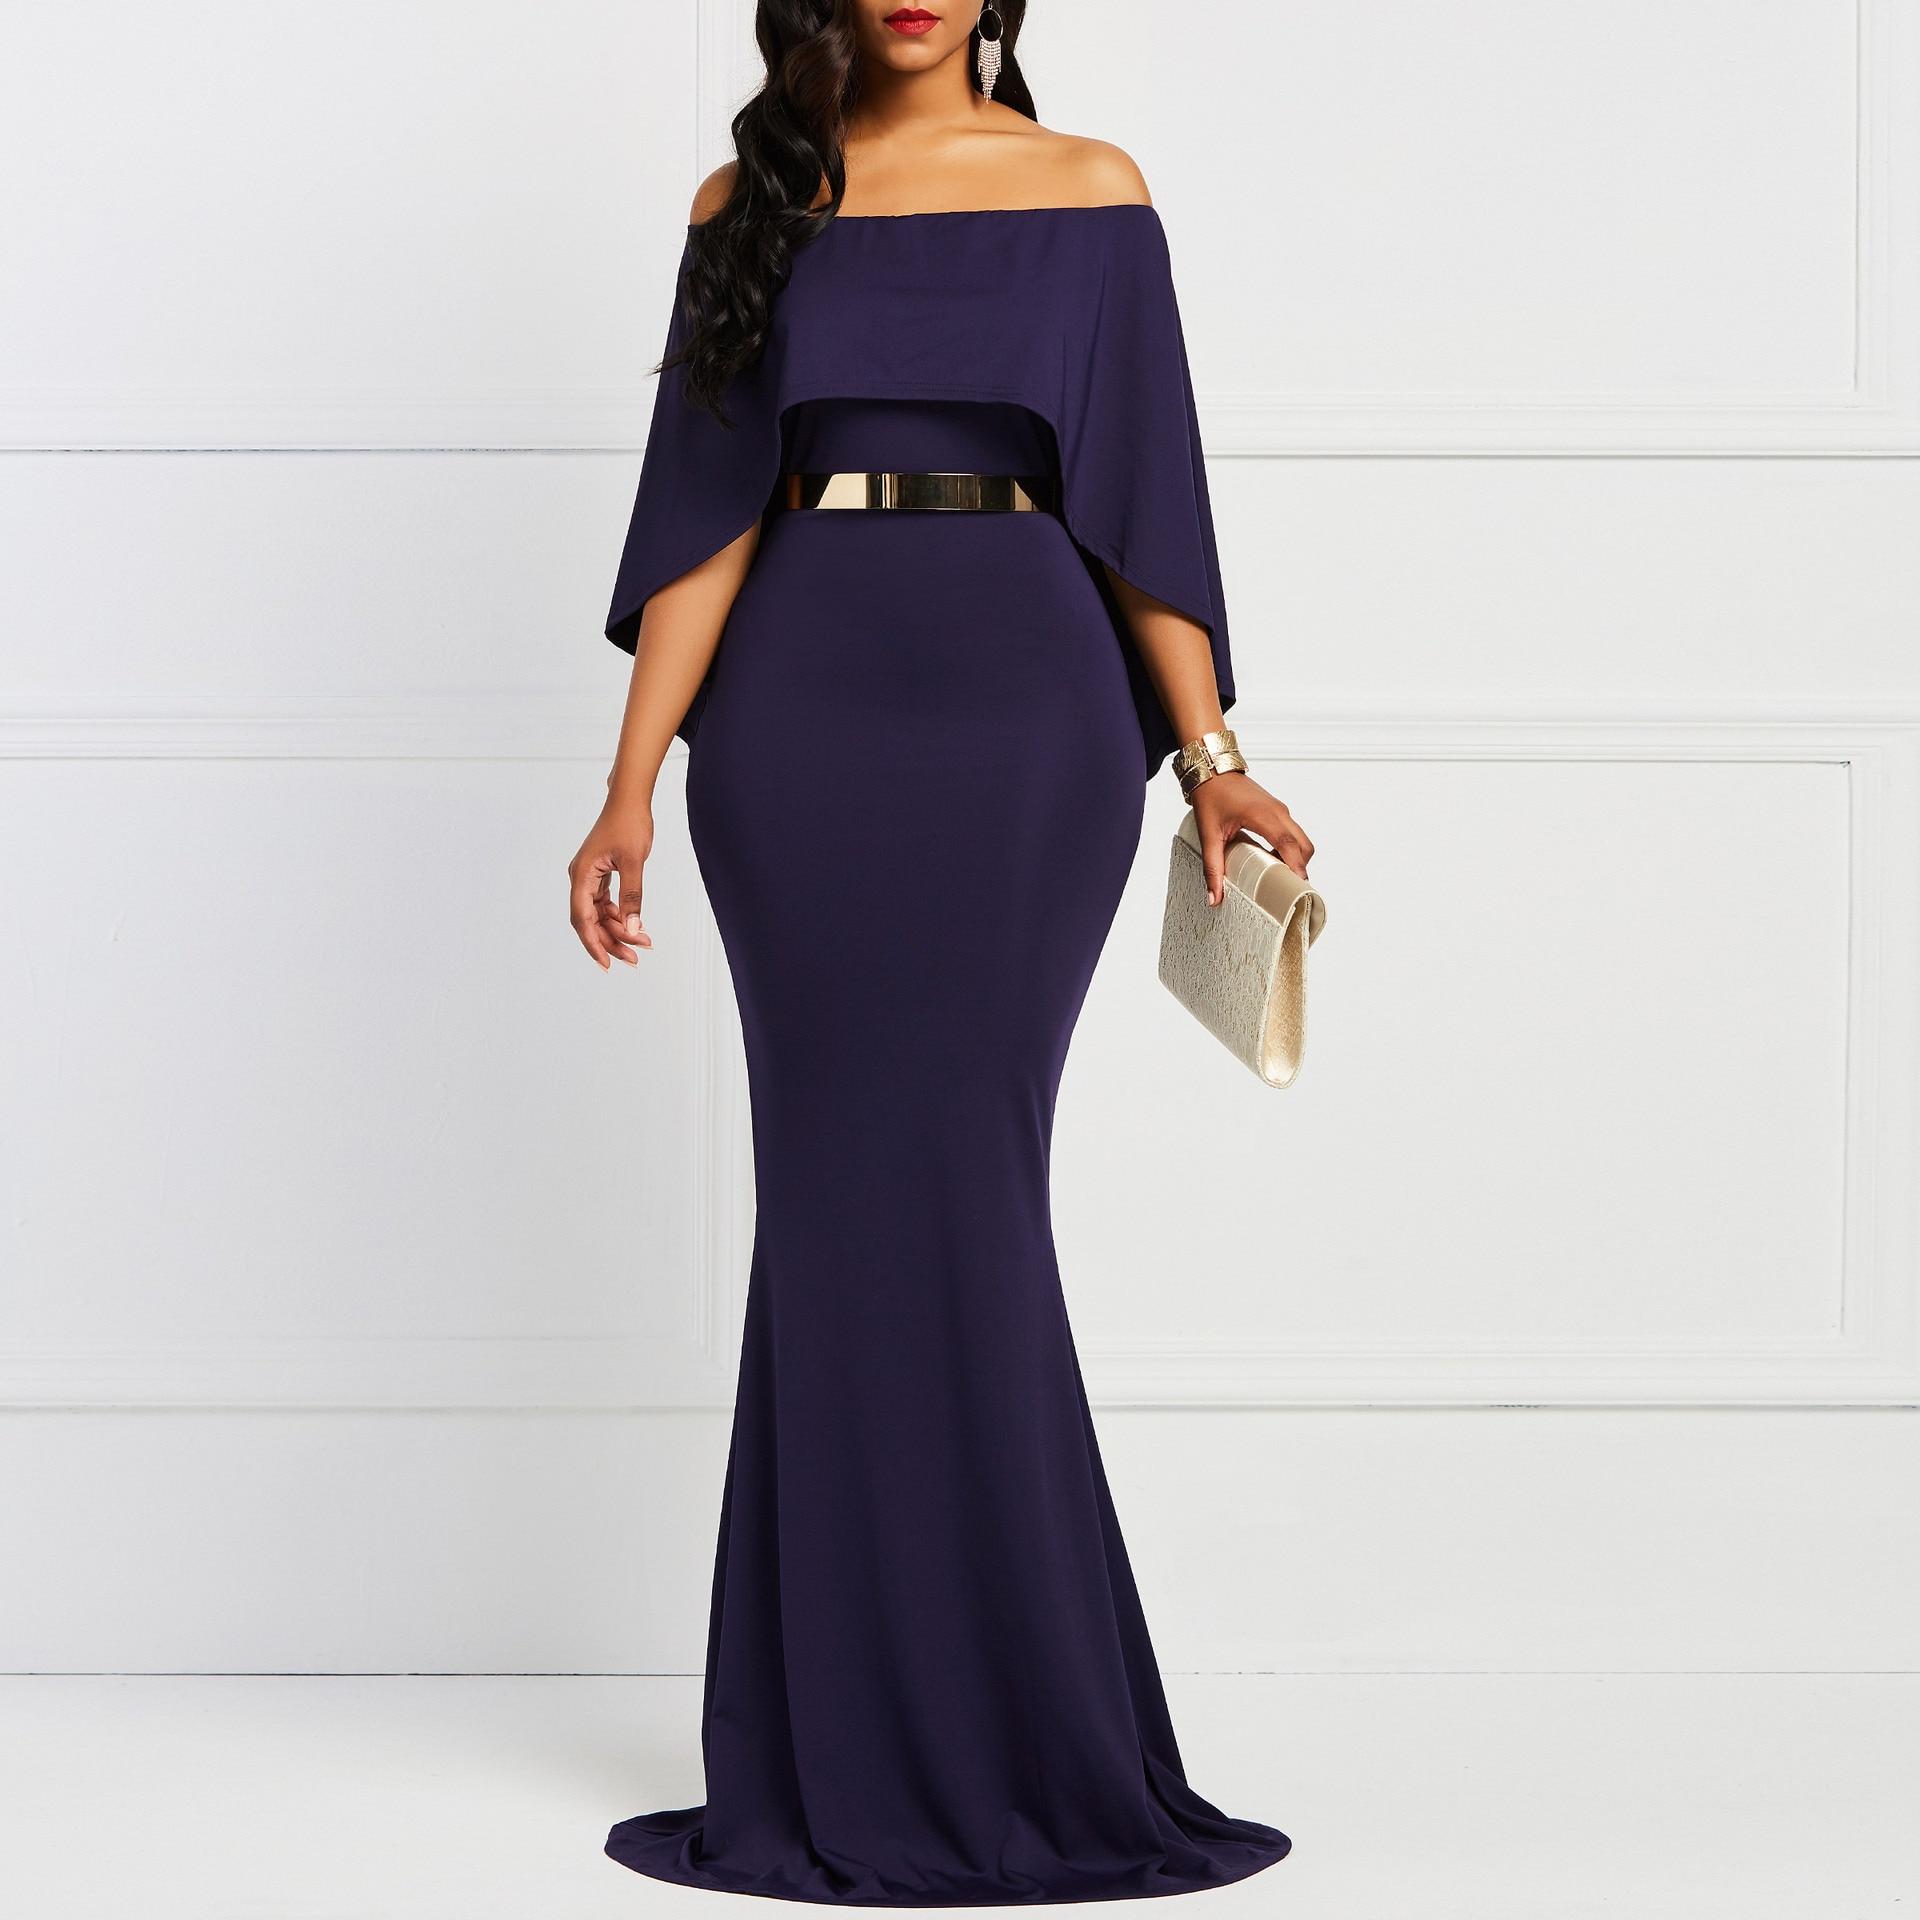 Женские вечерние платья макси с открытыми плечами, с открытой спиной, длинные элегантные вечерние платья, темно-синие, красные платья, туник...